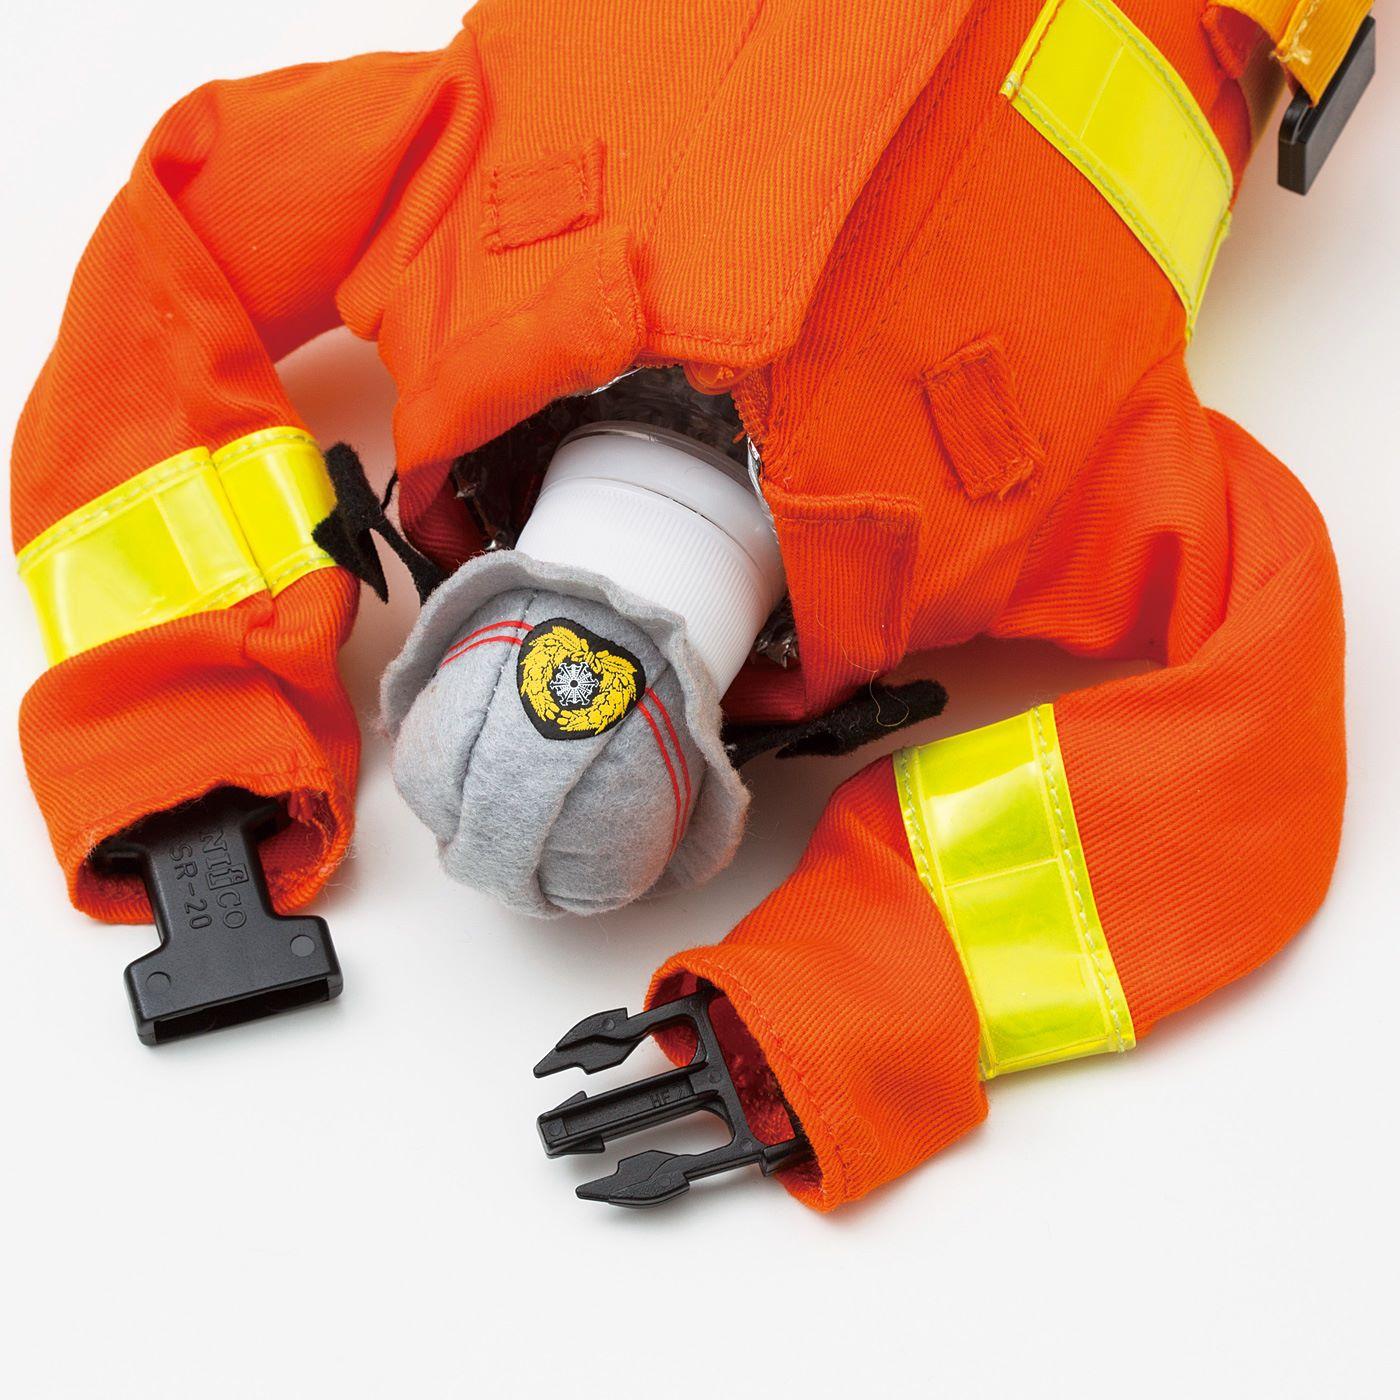 【ブルー・オレンジ共通】袖口の留め具で、バッグの持ち手などにも付けられます。